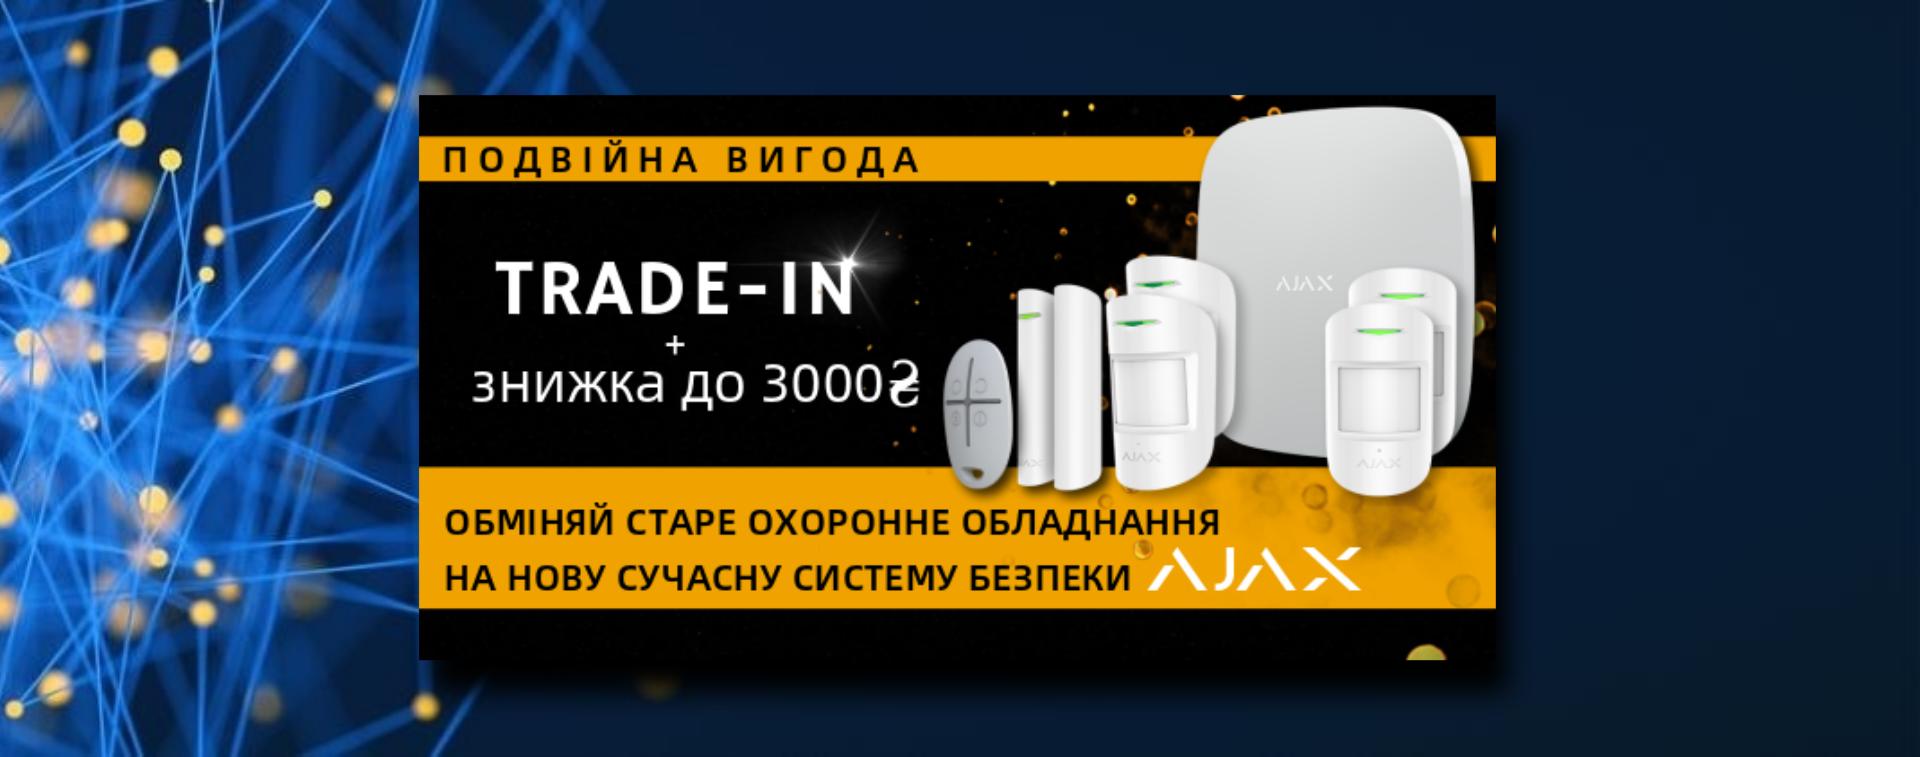 TI_gl_ukr